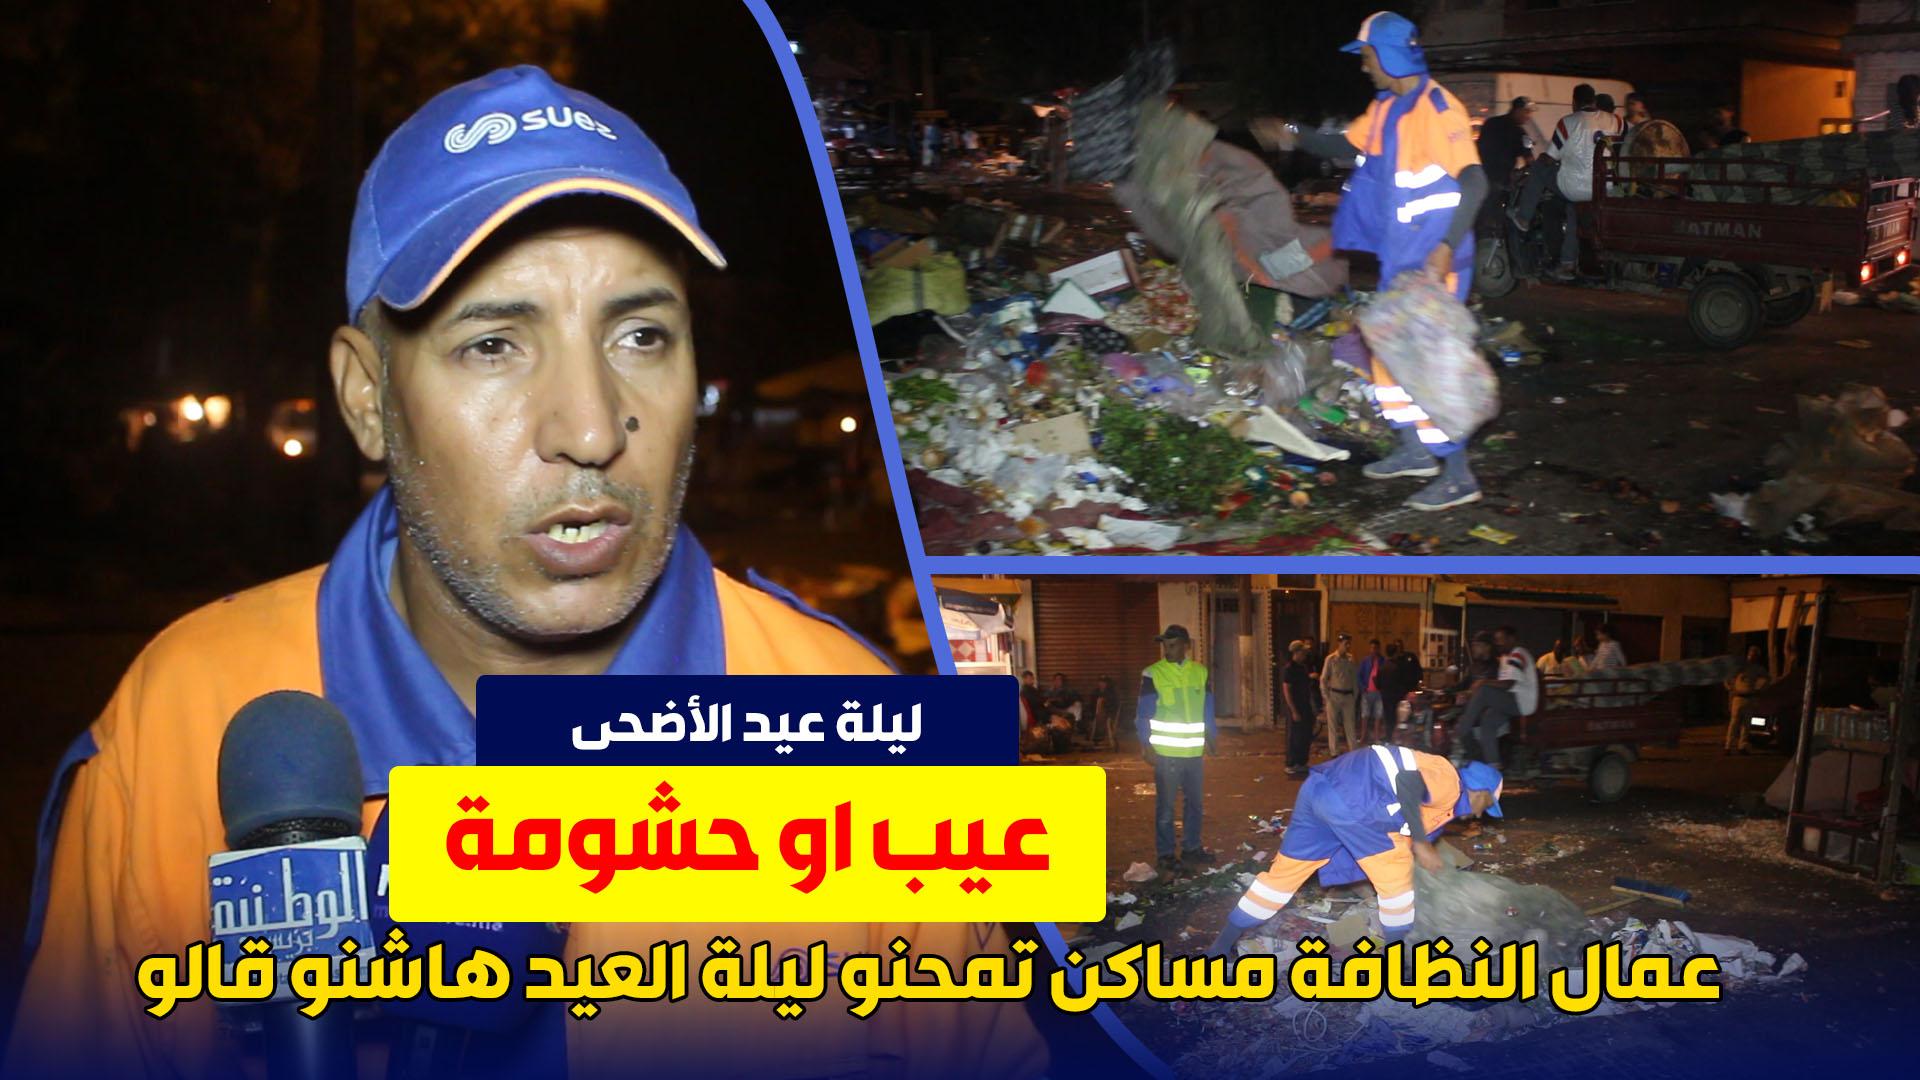 عمال النظافة مساكن تمحنو ليلة العيد هاشنو  وقع ليهم  .. عيب او حشومة والله